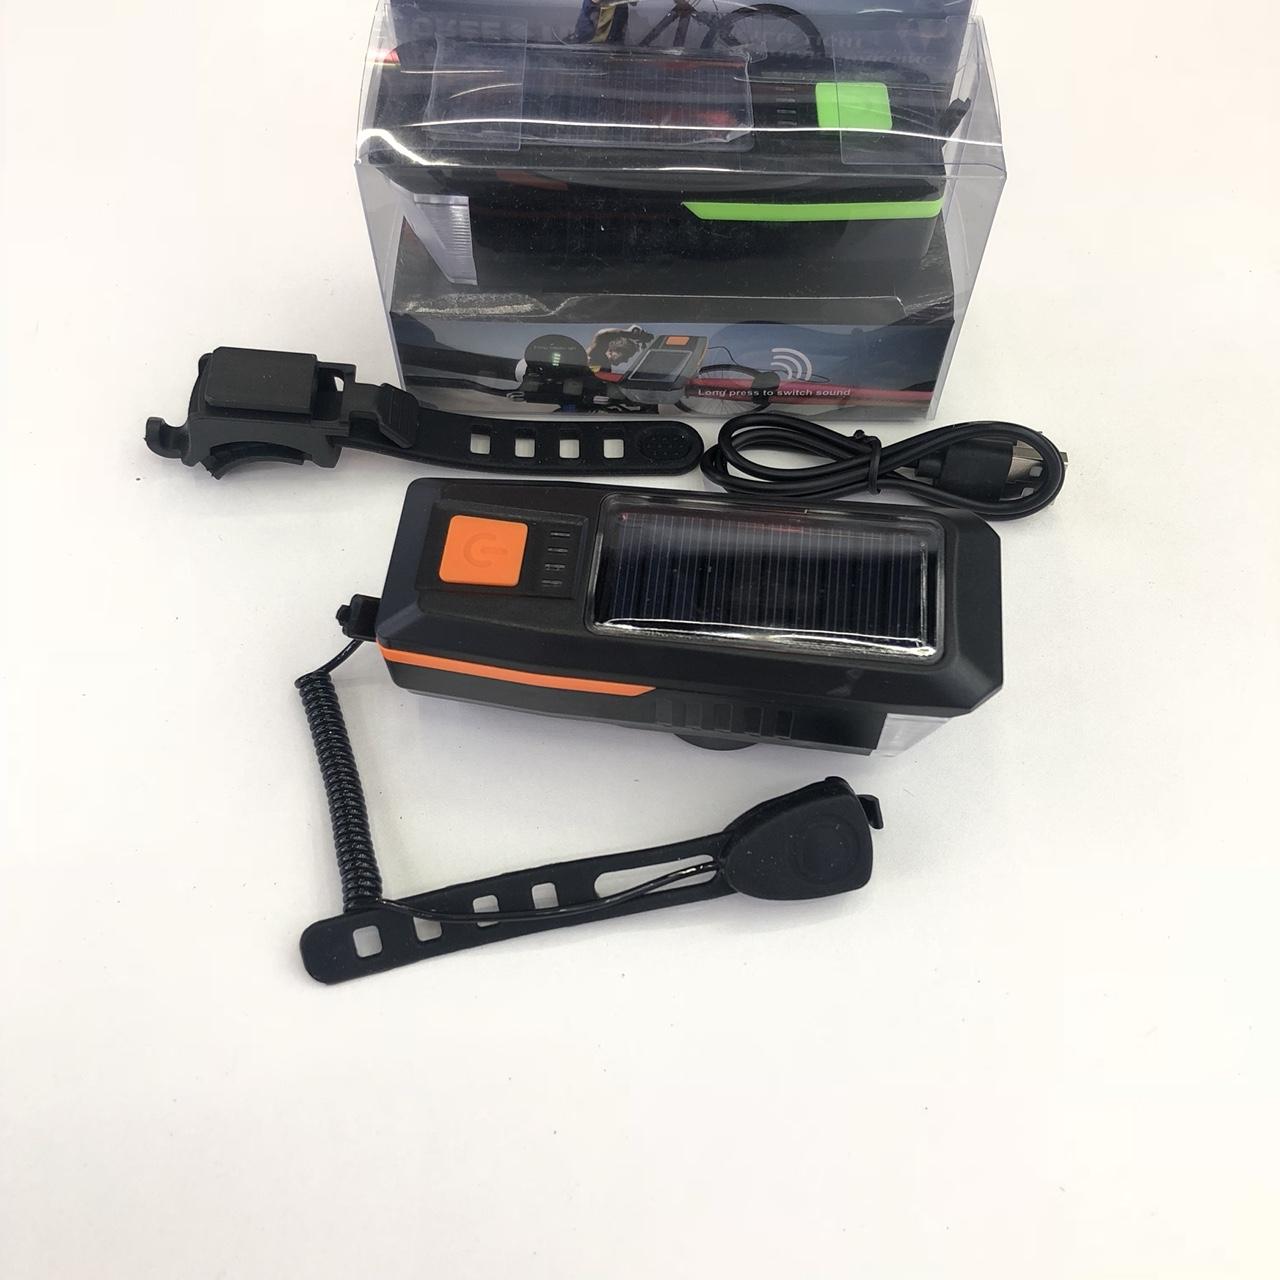 17新款太阳能款自行车灯 新款USB充电自行车夜行灯远近车灯骑行装备